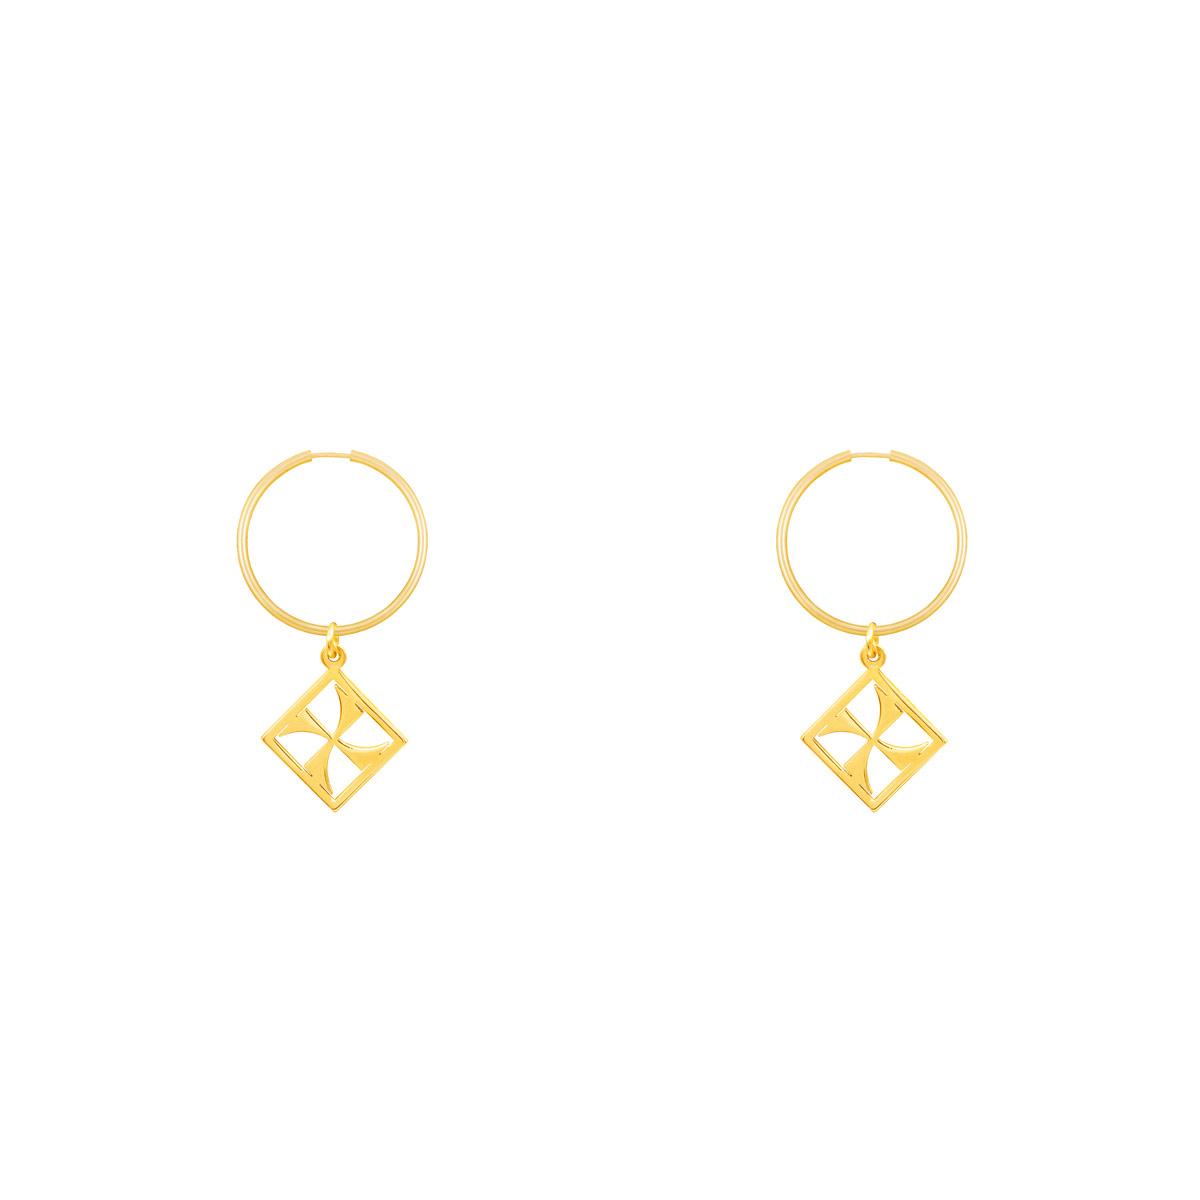 گوشواره طلا حلقه ای مهر پرسته